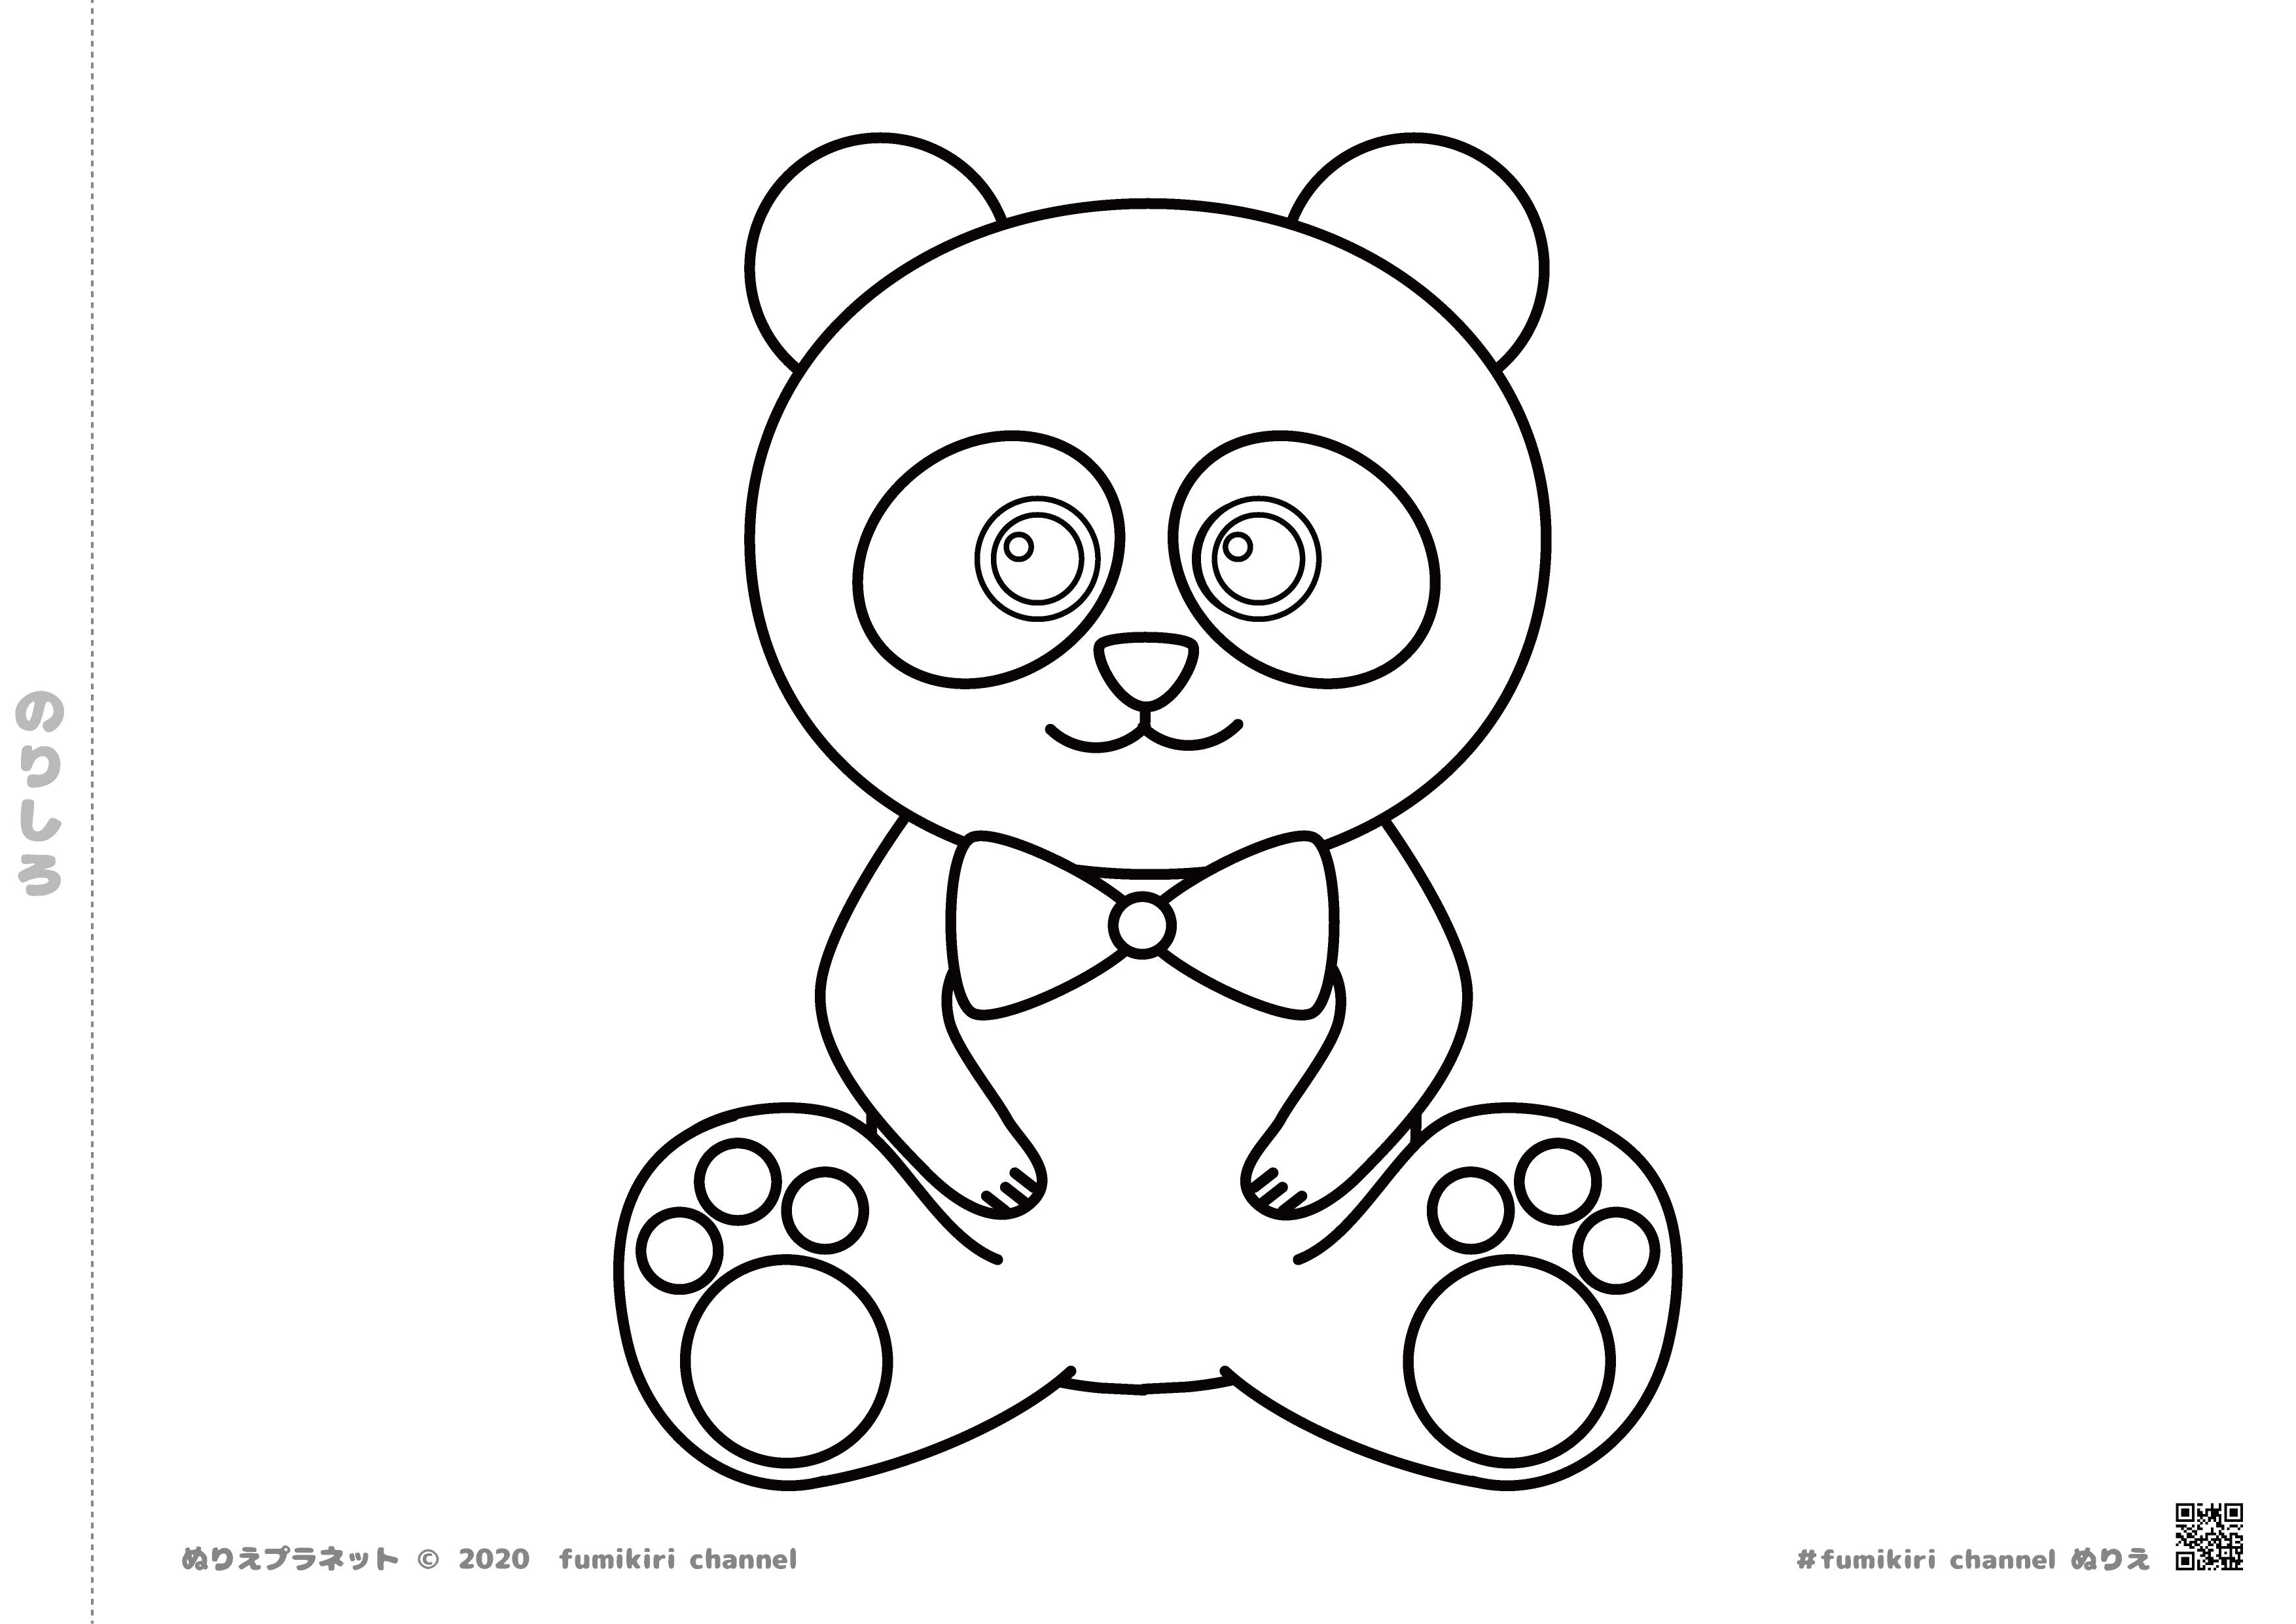 白と黒のかわいいパンダがお座りしているぬりえ